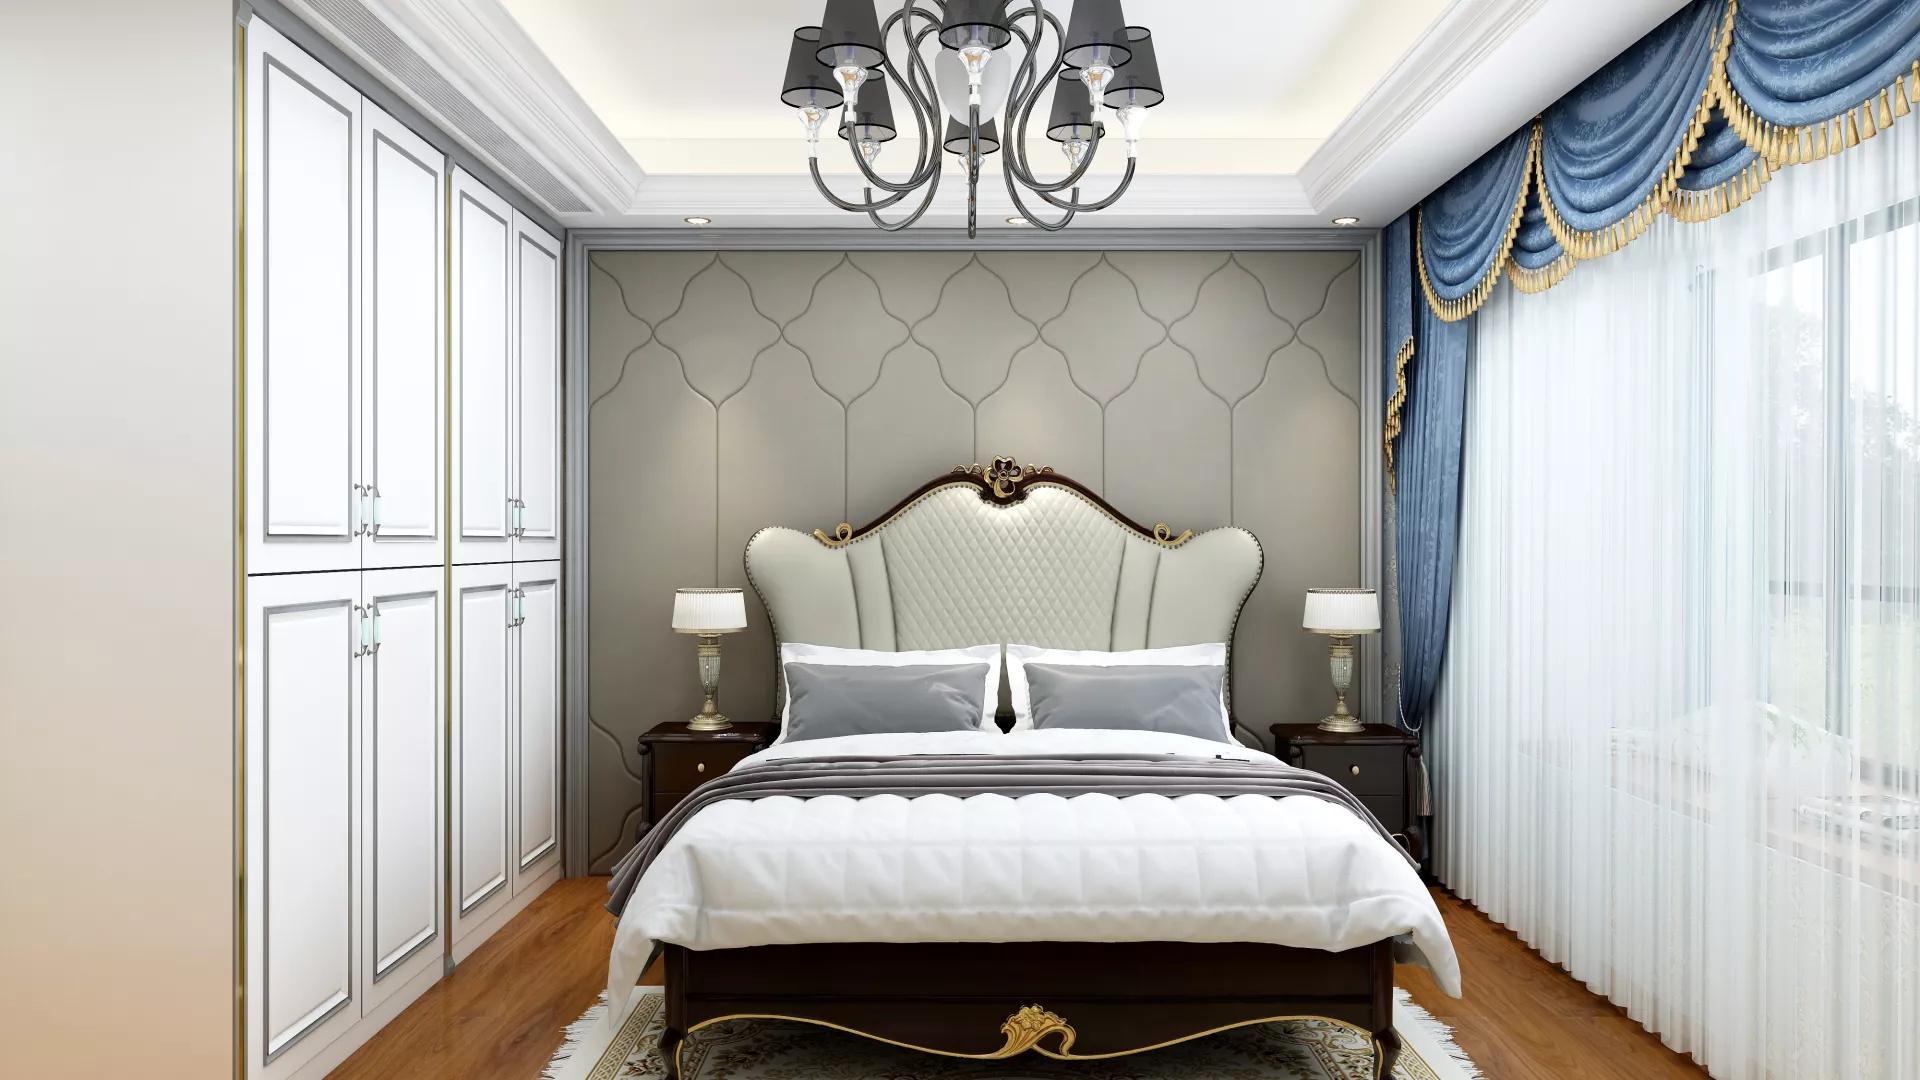 美式新古典风格家居装修效果图